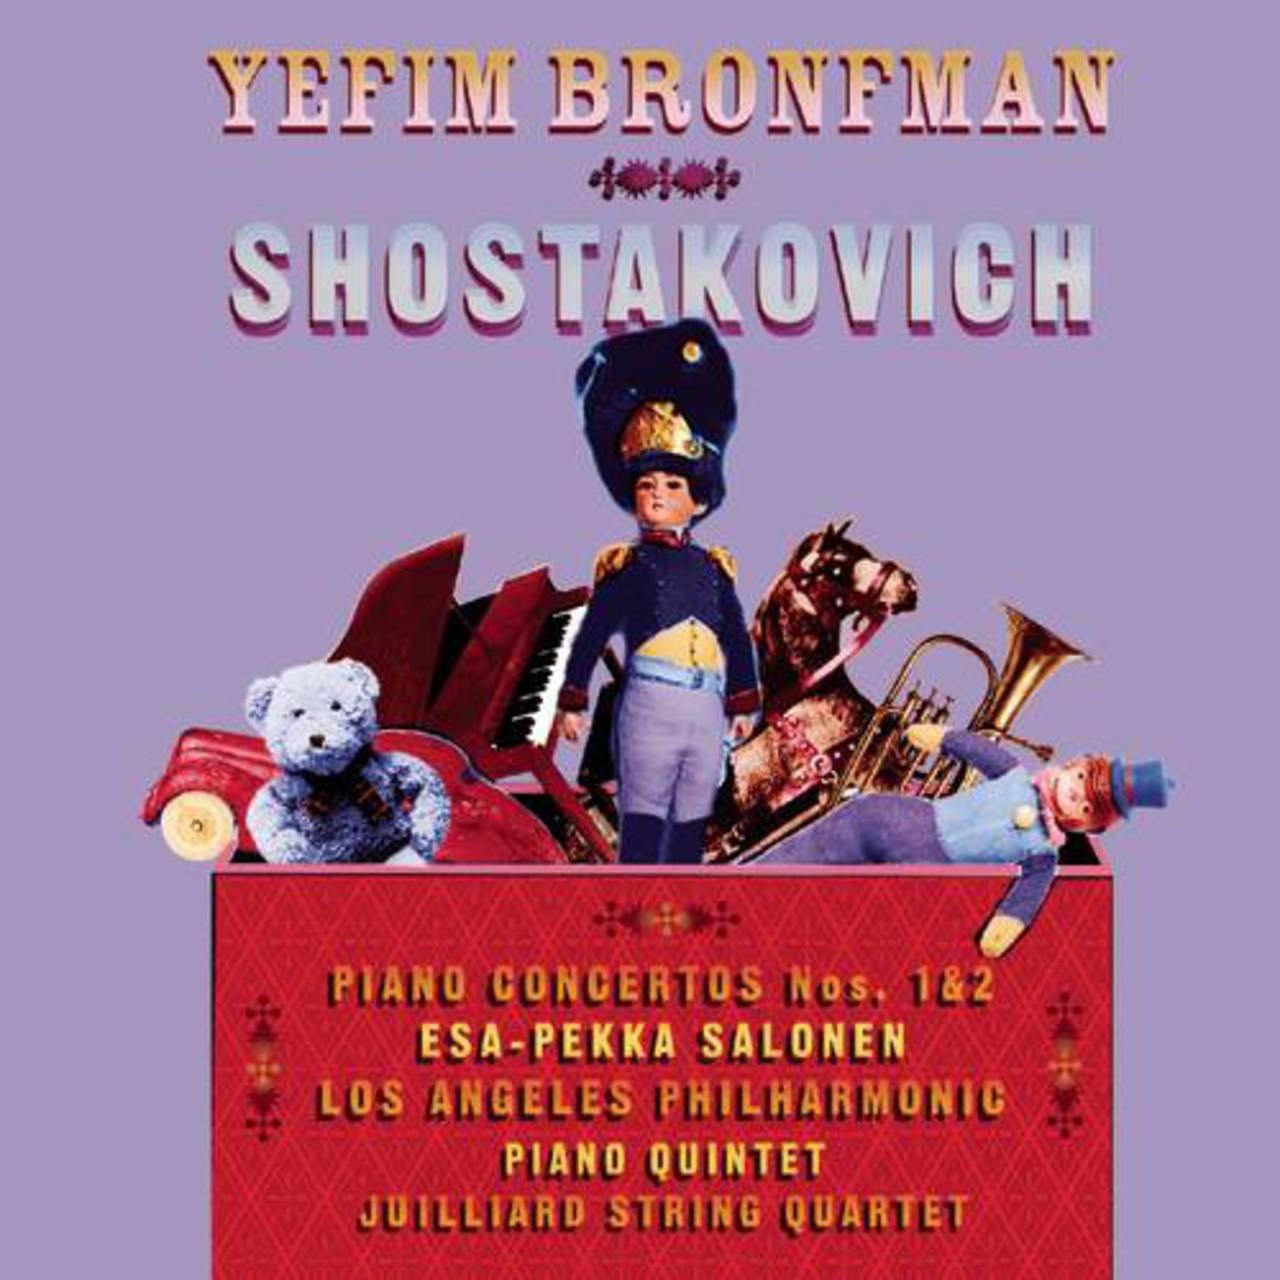 Shostakovich: Piano Concertos Nos  1 & 2, Piano Quintet/Yefim